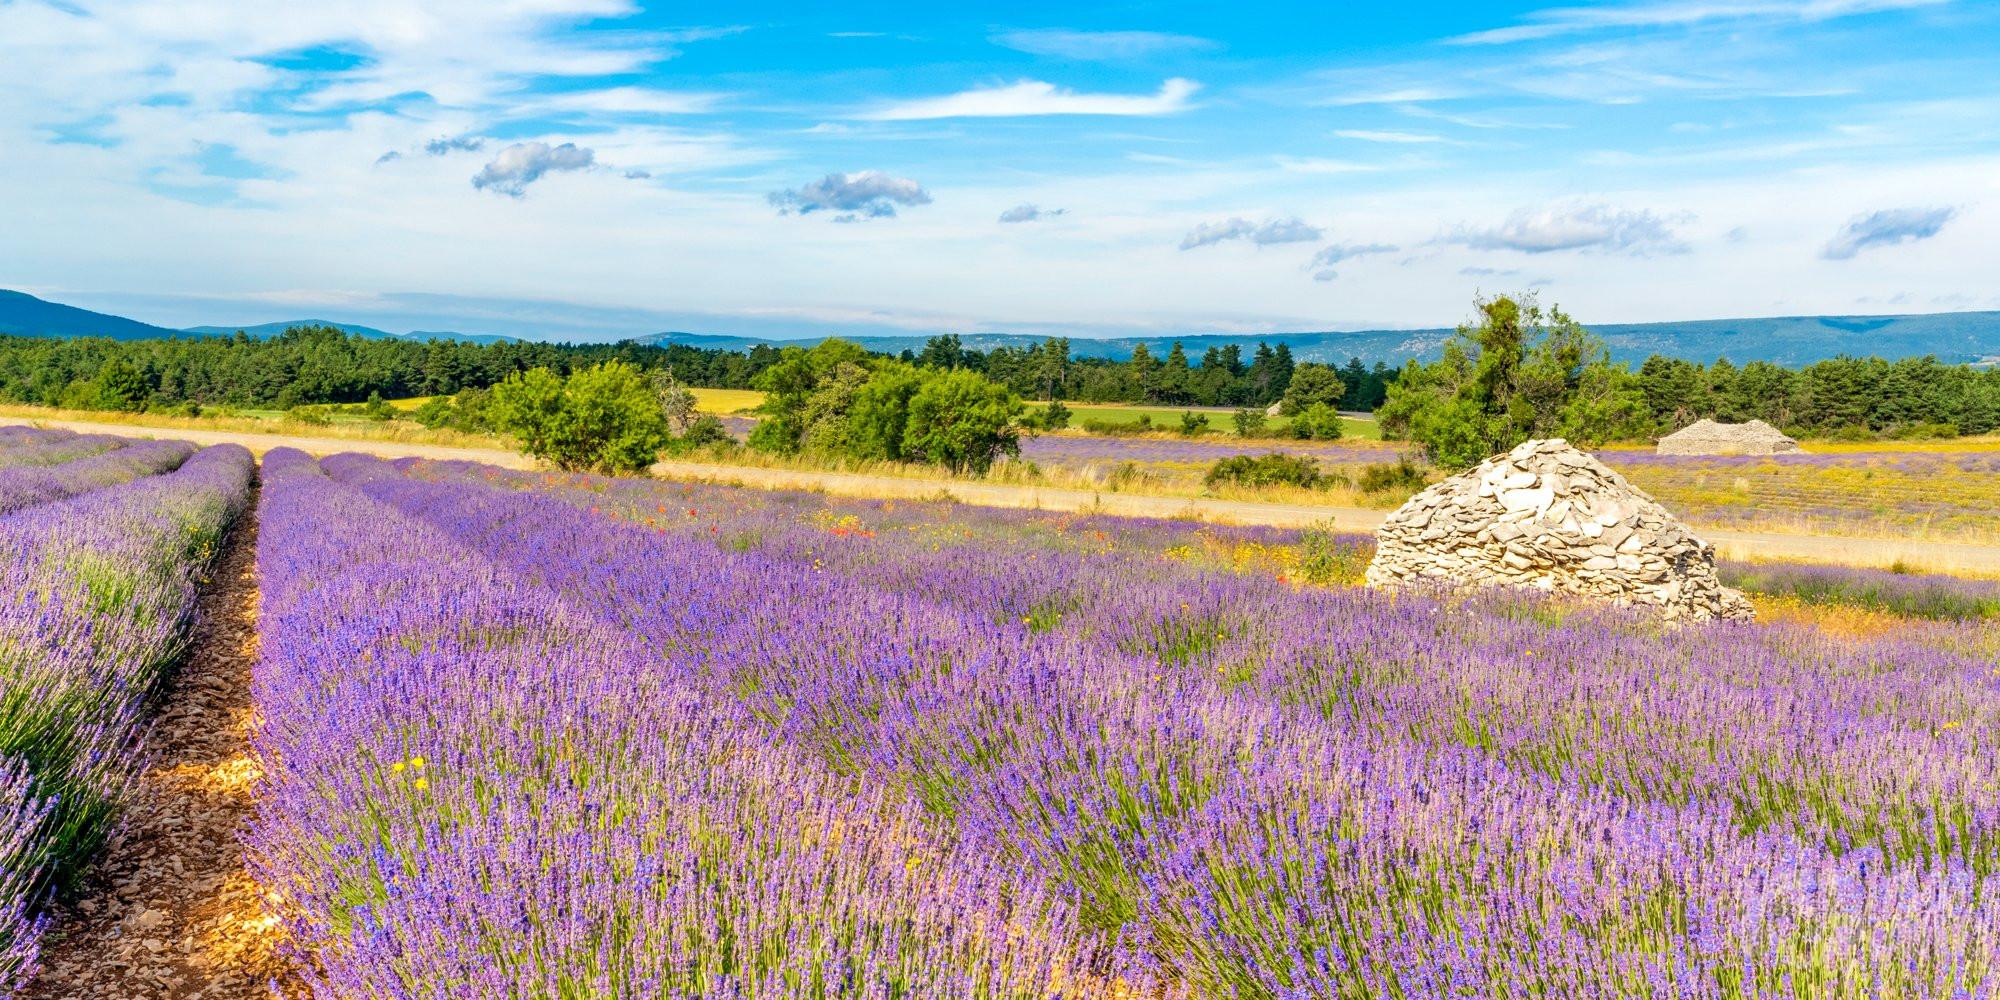 Ferrassières lavender fields, Vaucluse France